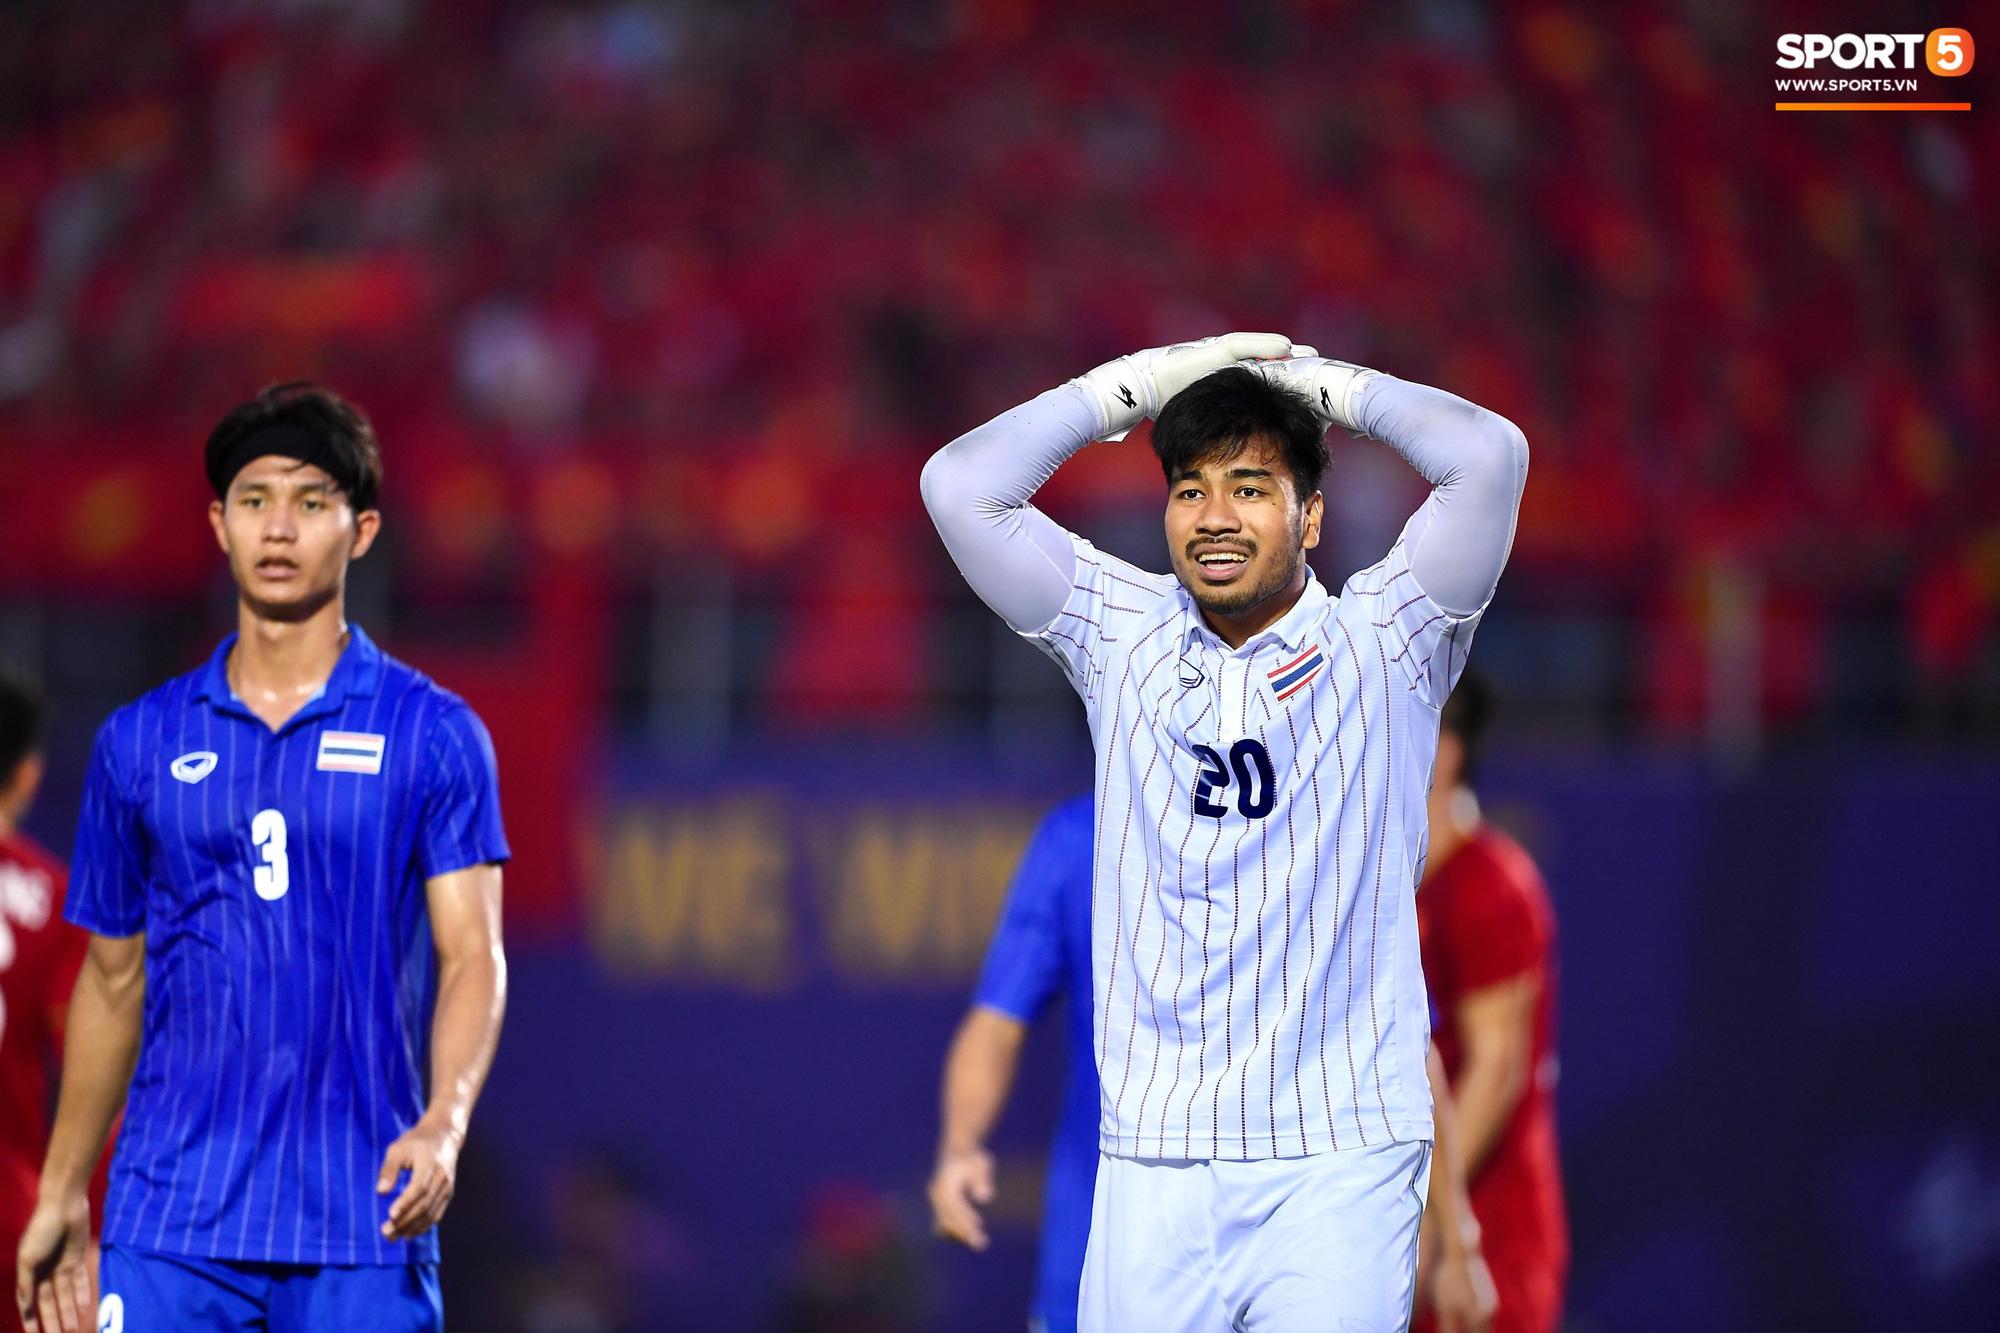 Thủ môn Thái Lan ấm ức về pha đá lại phạt đền trong trận gặp Việt Nam: Trọng tài đã có một quyết định đáng xấu hổ - Ảnh 1.